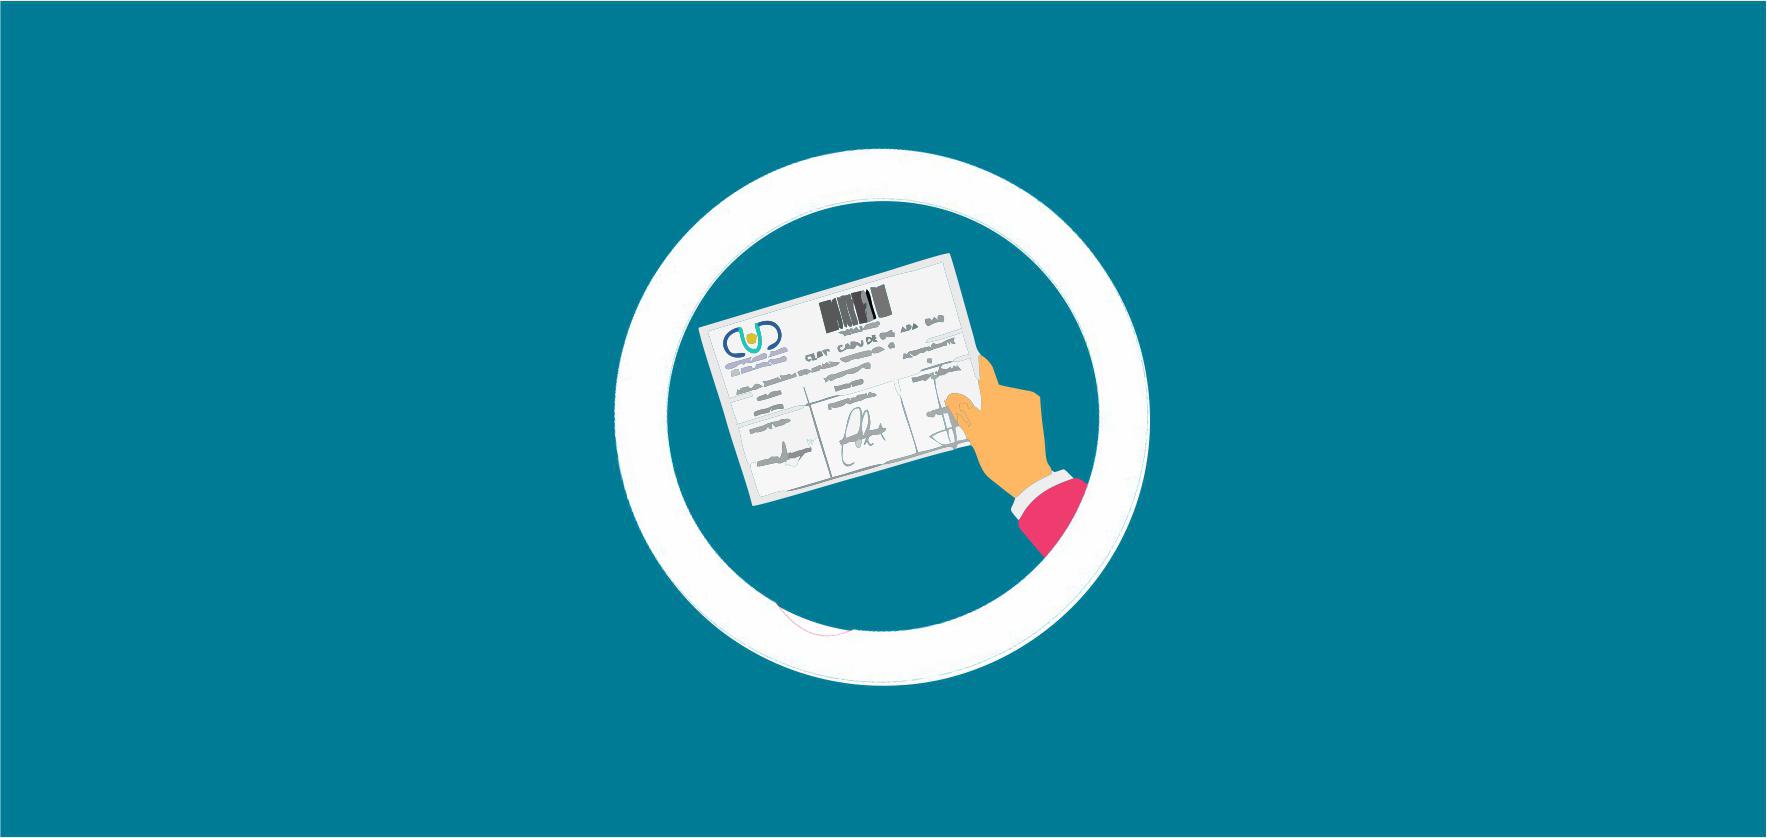 Extensión de Vencimiento del CUD (Certificado Único de Discapacidad)